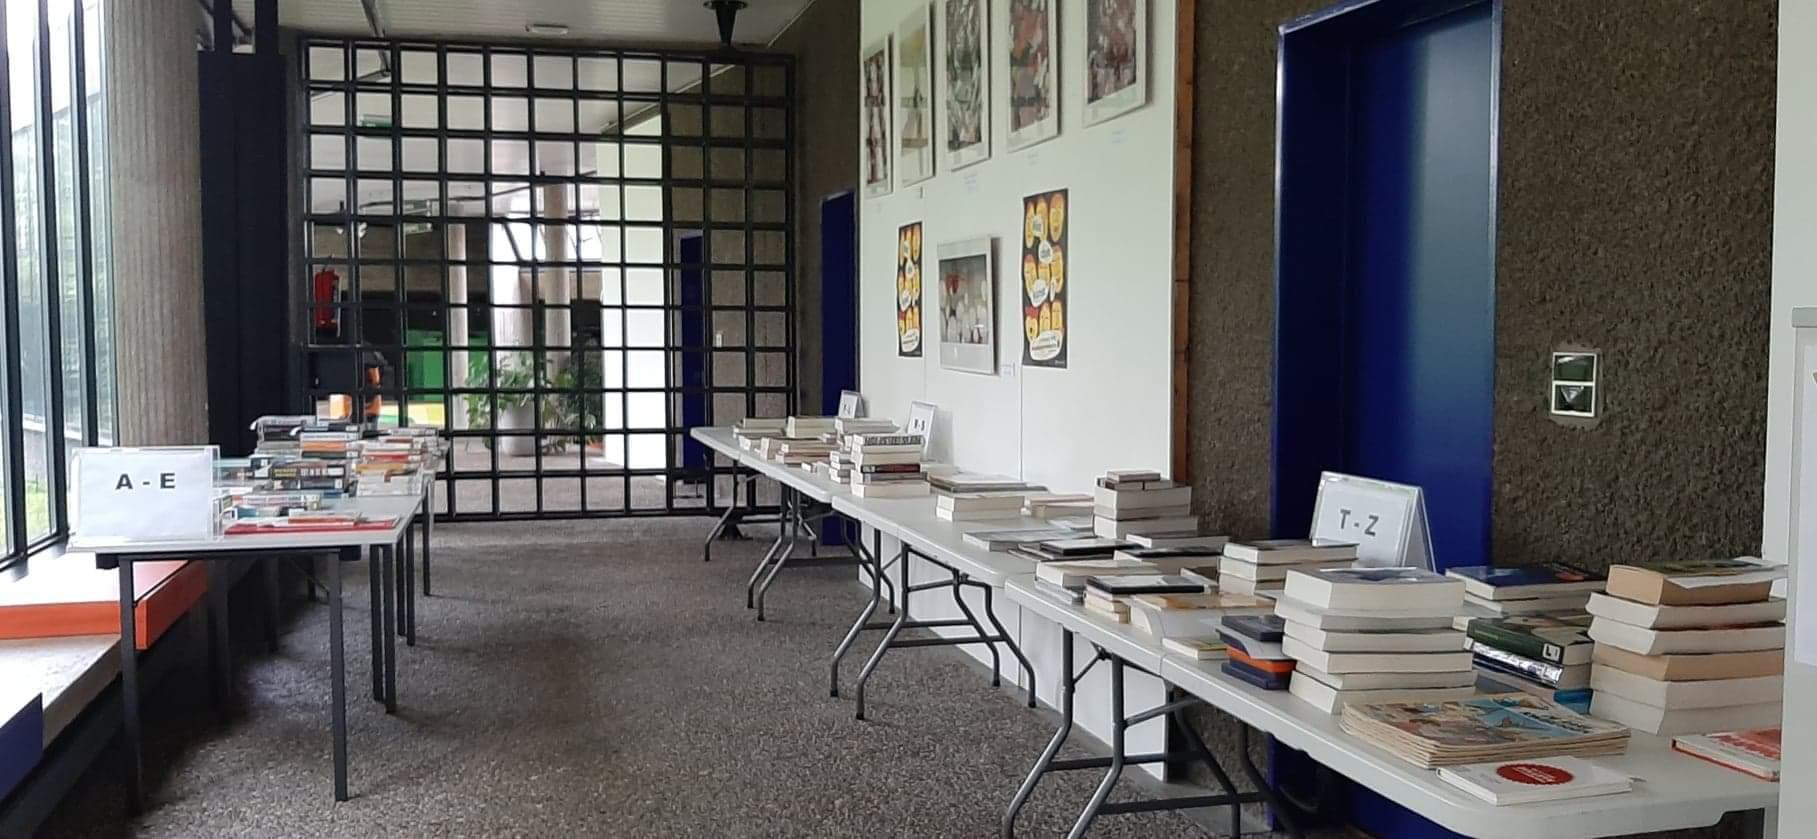 Afhaalbibliotheek Dilbeek groot succes! - Afhaalpunt bib Dilbeek